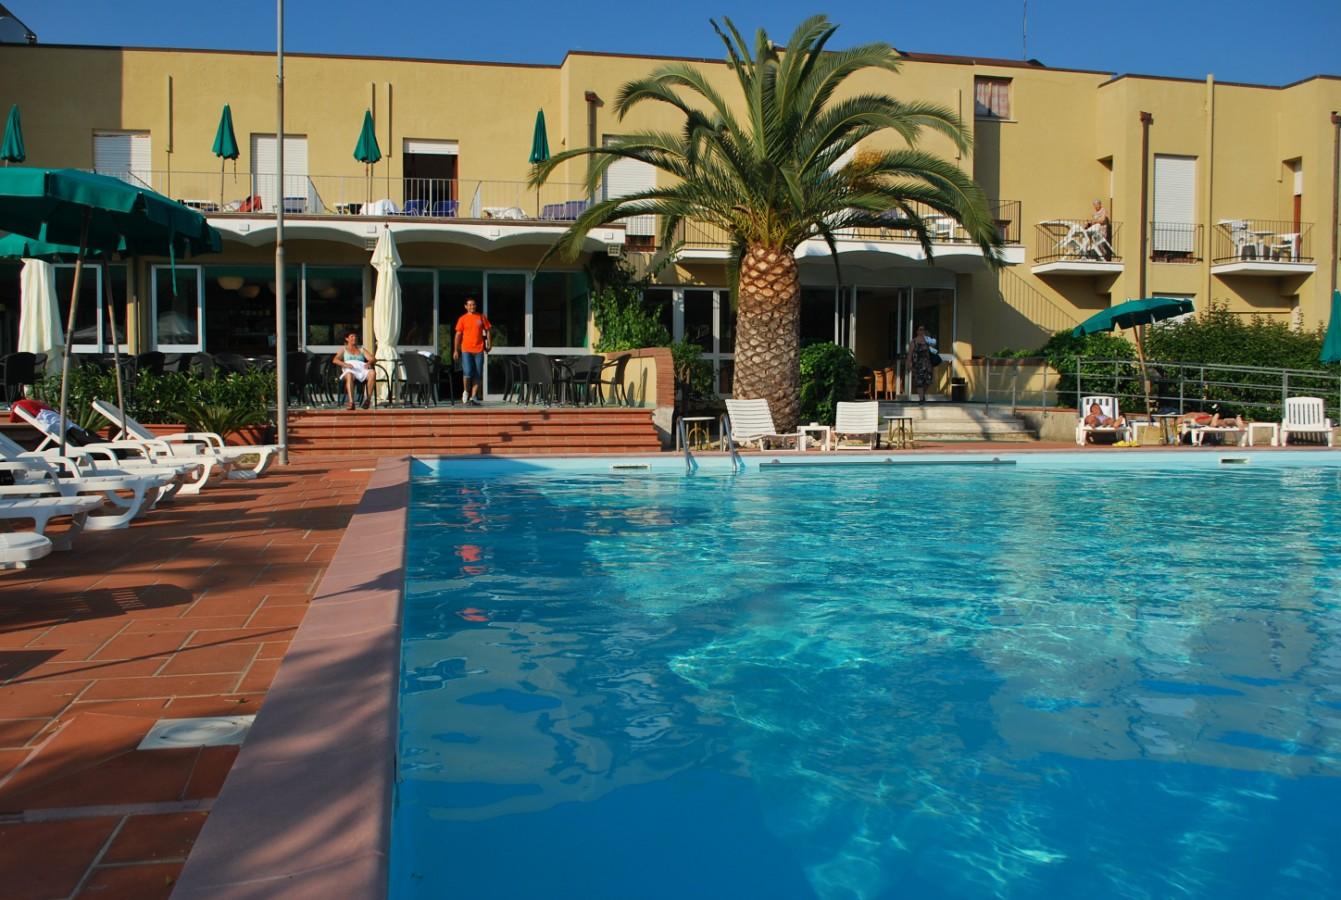 Parque de vacaciones Holiday park- BILOCALE Capoliveri 1